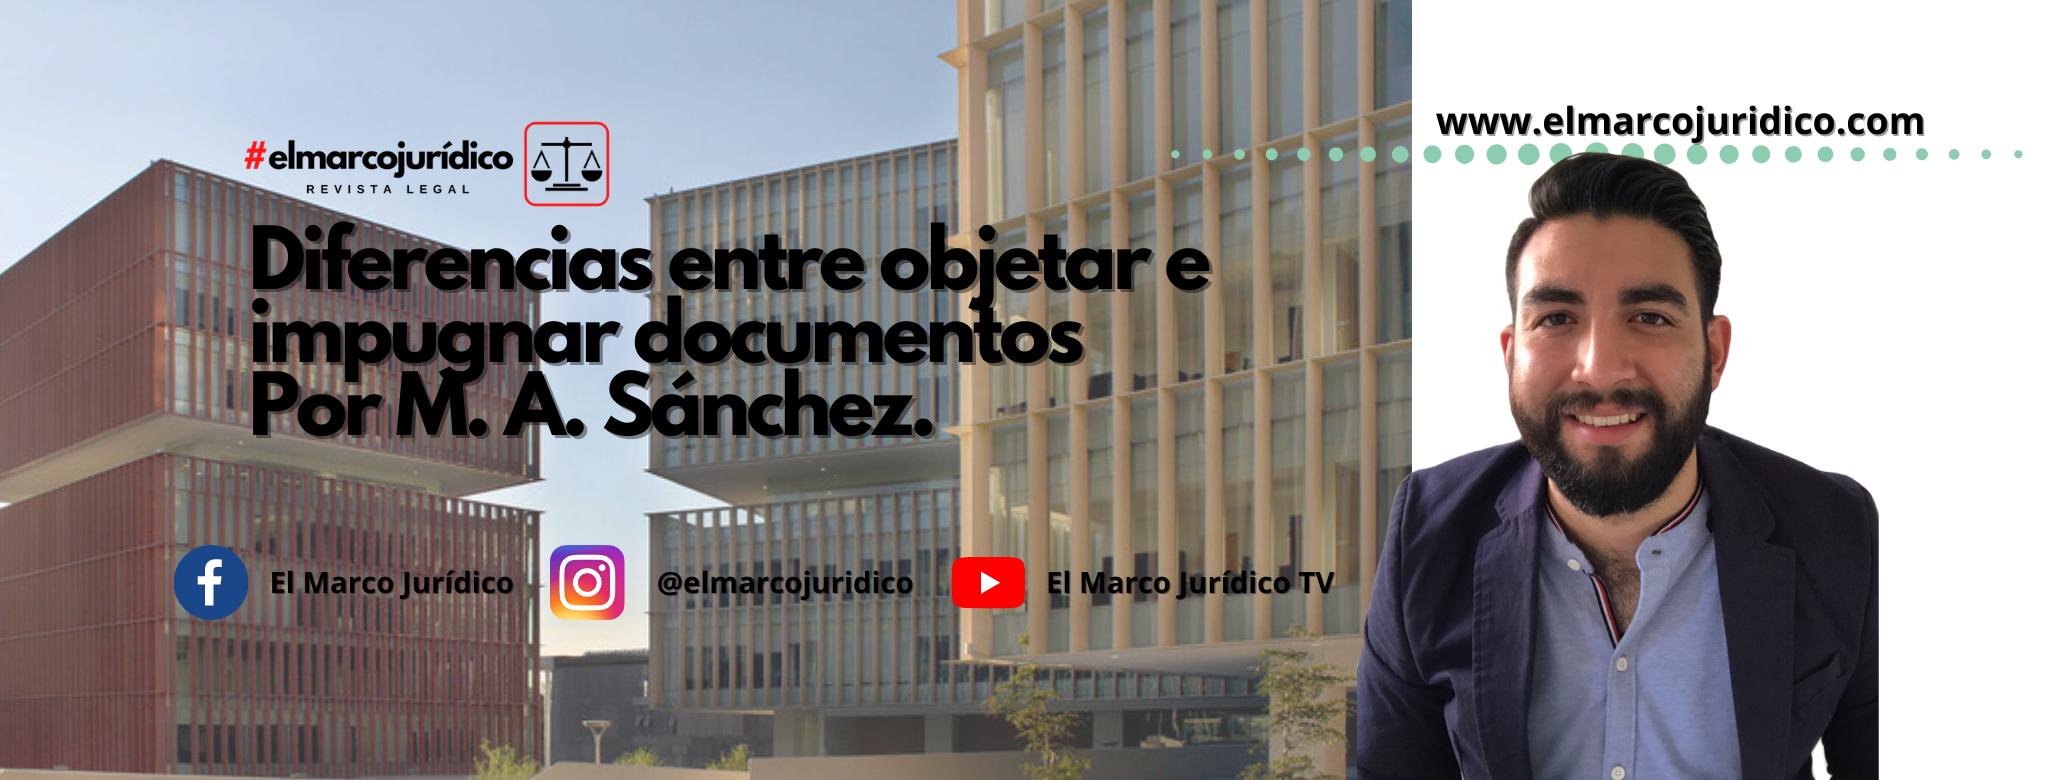 Diferencias entre objetar e impugnar documentos | M. A. Sánchez